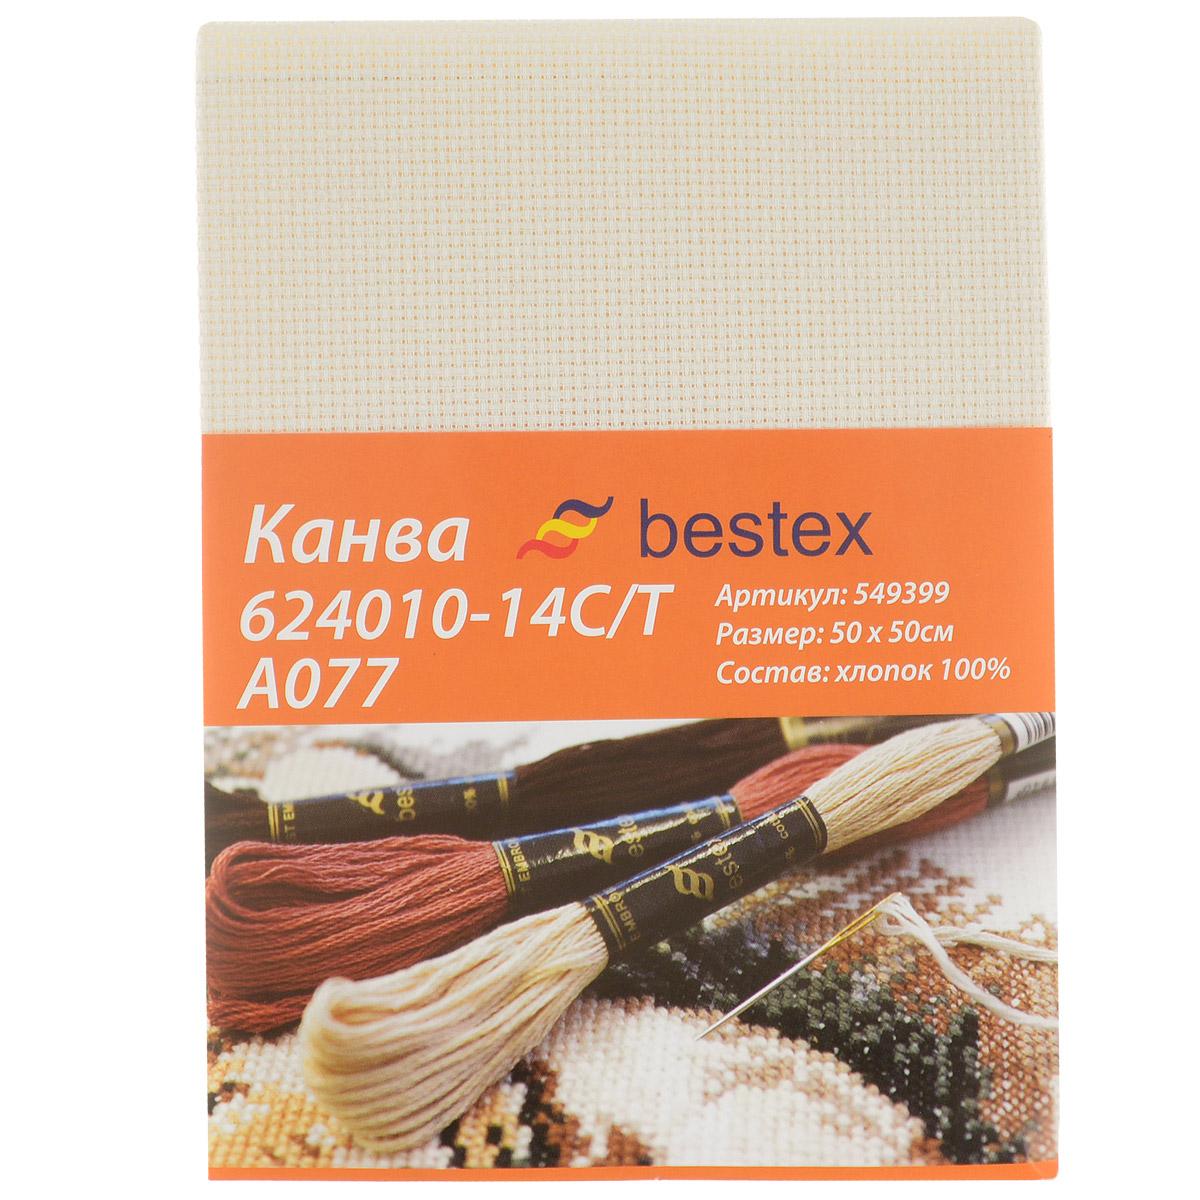 Канва для вышивания Bestex Aida 14, цвет: бежевый, 50 см х 50 см. 549399549399Канва для вышивания Bestex Aida 14 изготовлена из 100% хлопка. Применяется как основа или трафарет для вышивания, иногда используется в качестве прокладочного материала в одежде. Создайте свой личный шедевр - красивую вышитую картину. Работа, выполненная своими руками, станет отличным подарком для друзей и близких! 14 нитей на дюйм (55 клеток x 10 см).